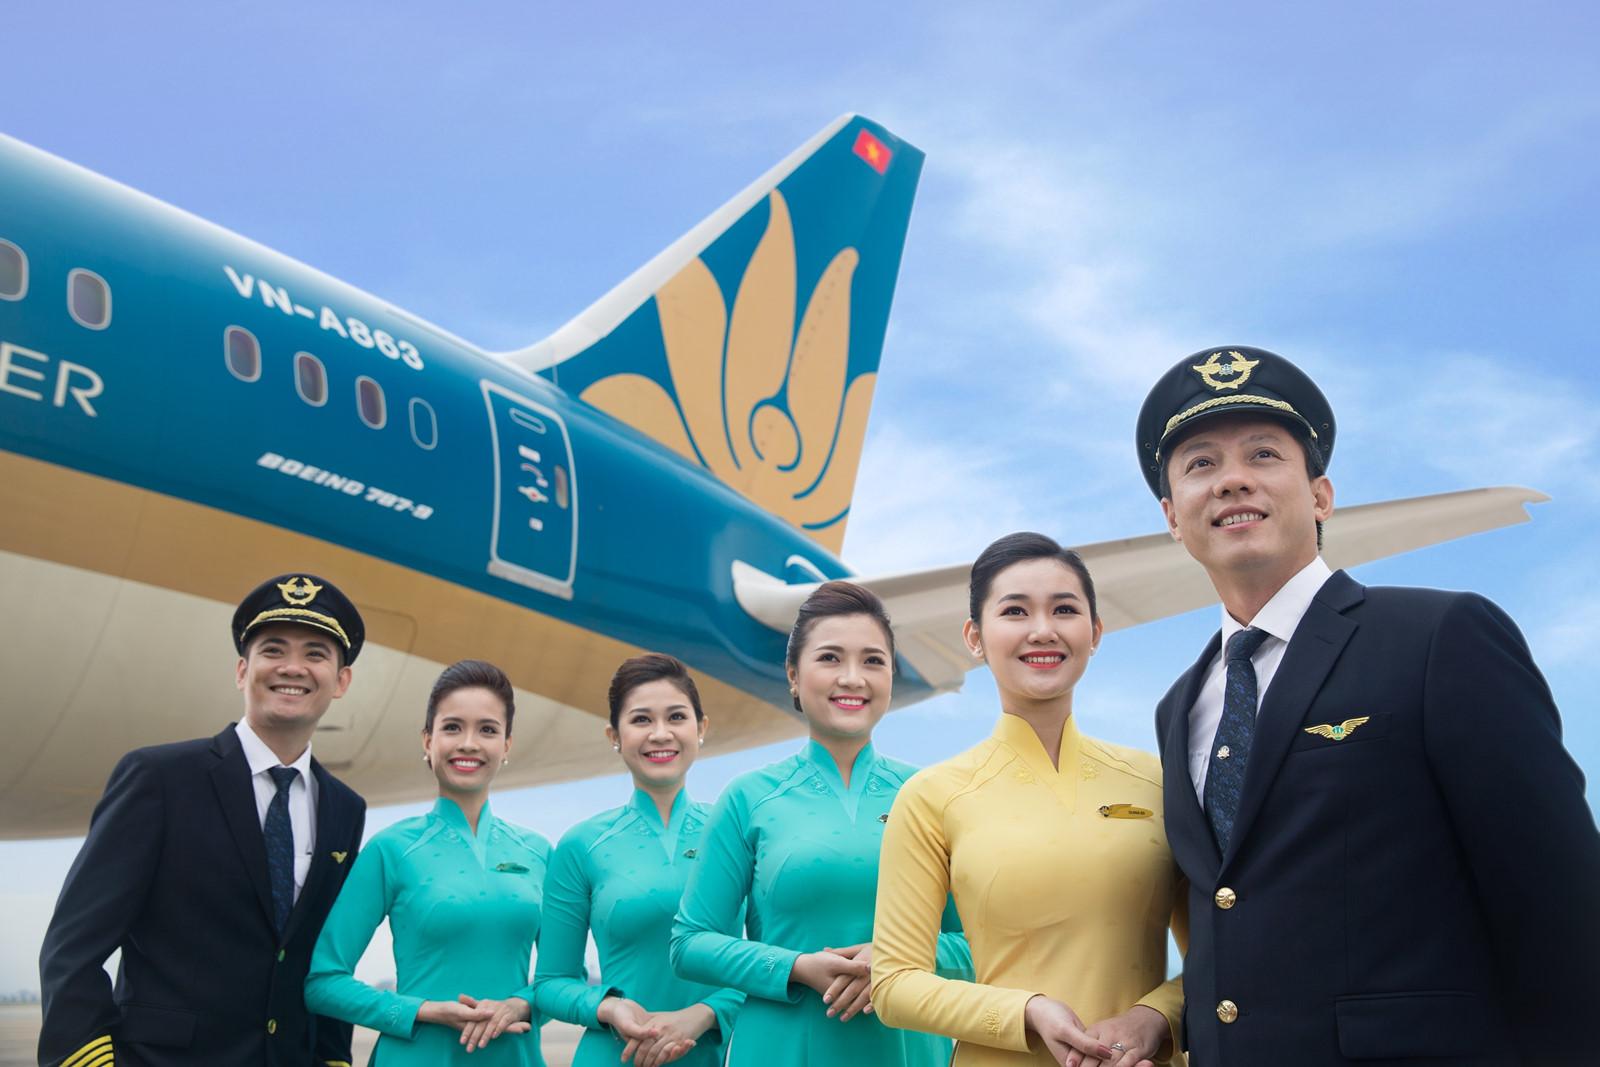 Vietnam Airlines khôi phục đường bay nội địa từ 21/10 - 30/11